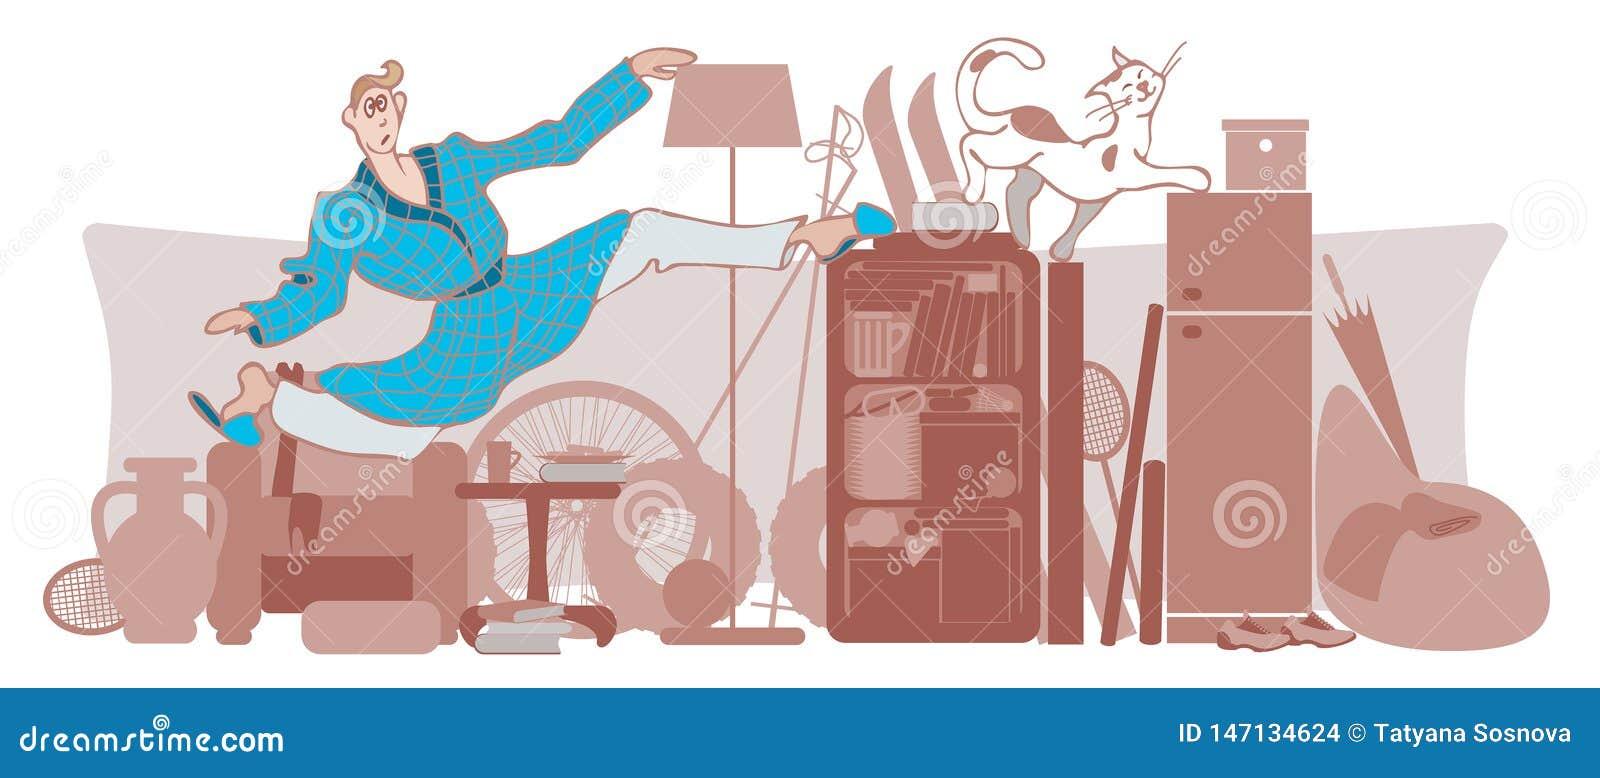 Vektorn mannen och katten flyttar sig runt om ett belamrat hus